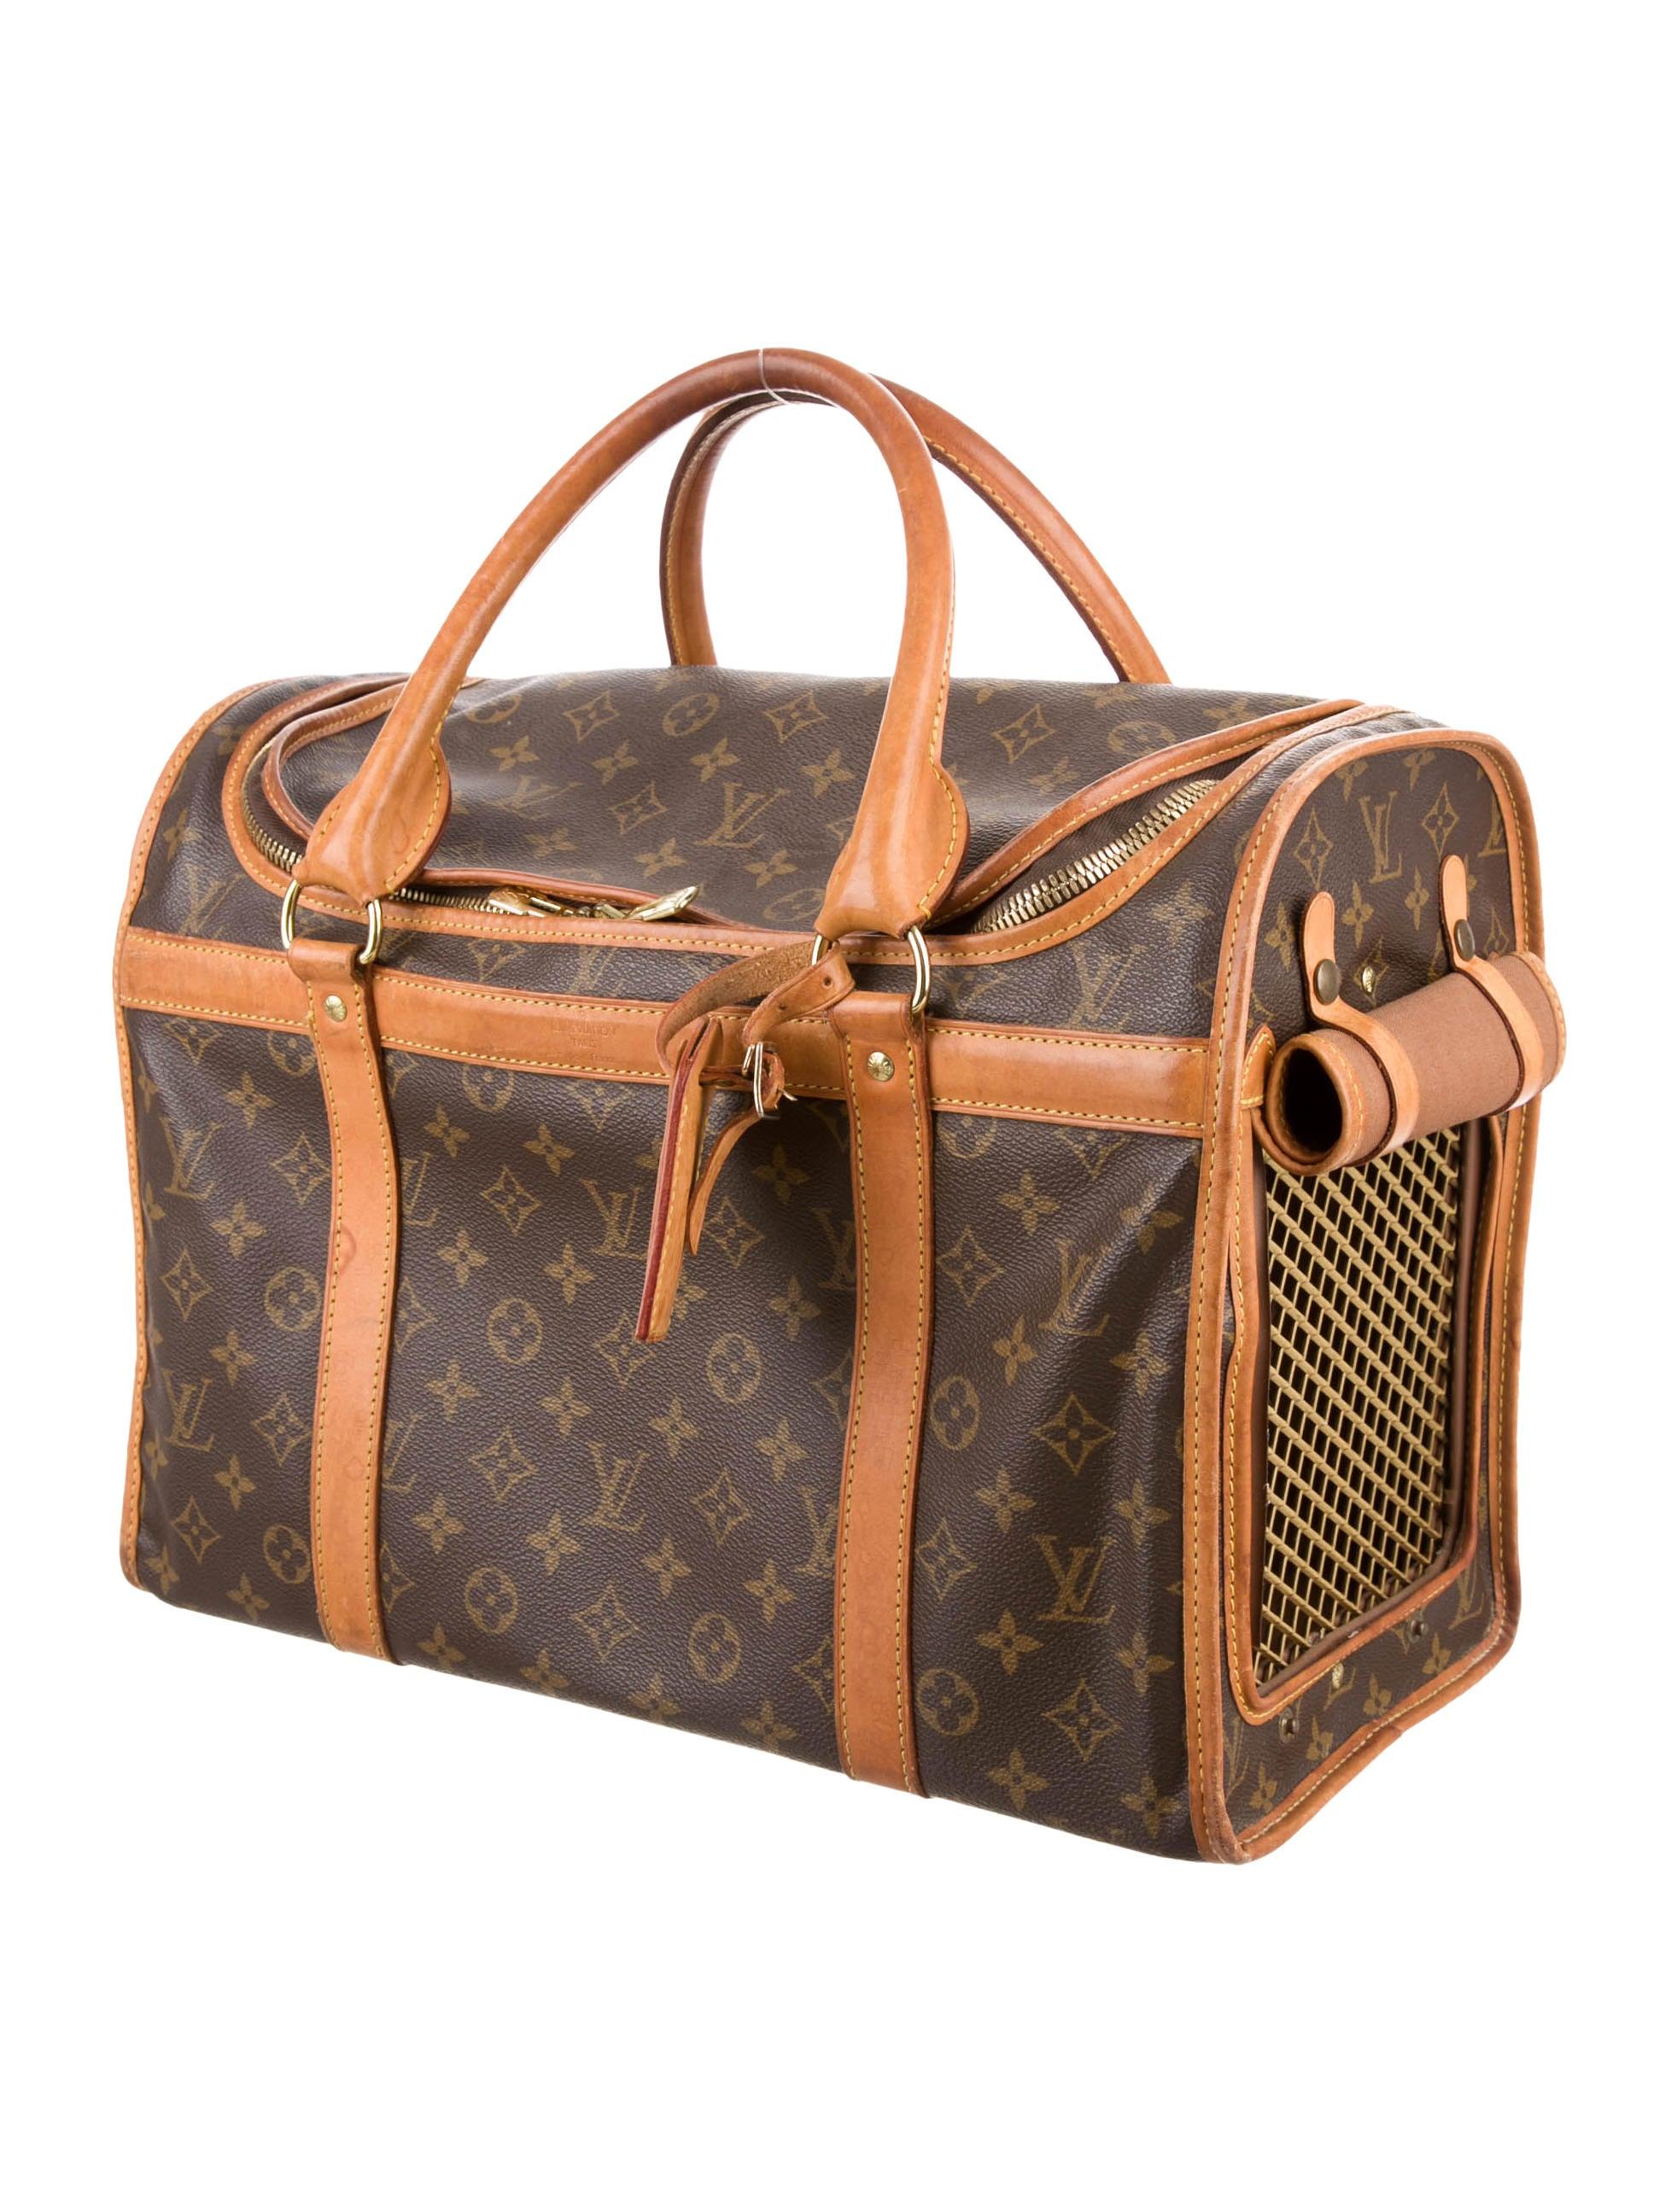 99d8b804a545 Louis Vuitton Sac Chien 40 Replica - Ontario Active School Travel